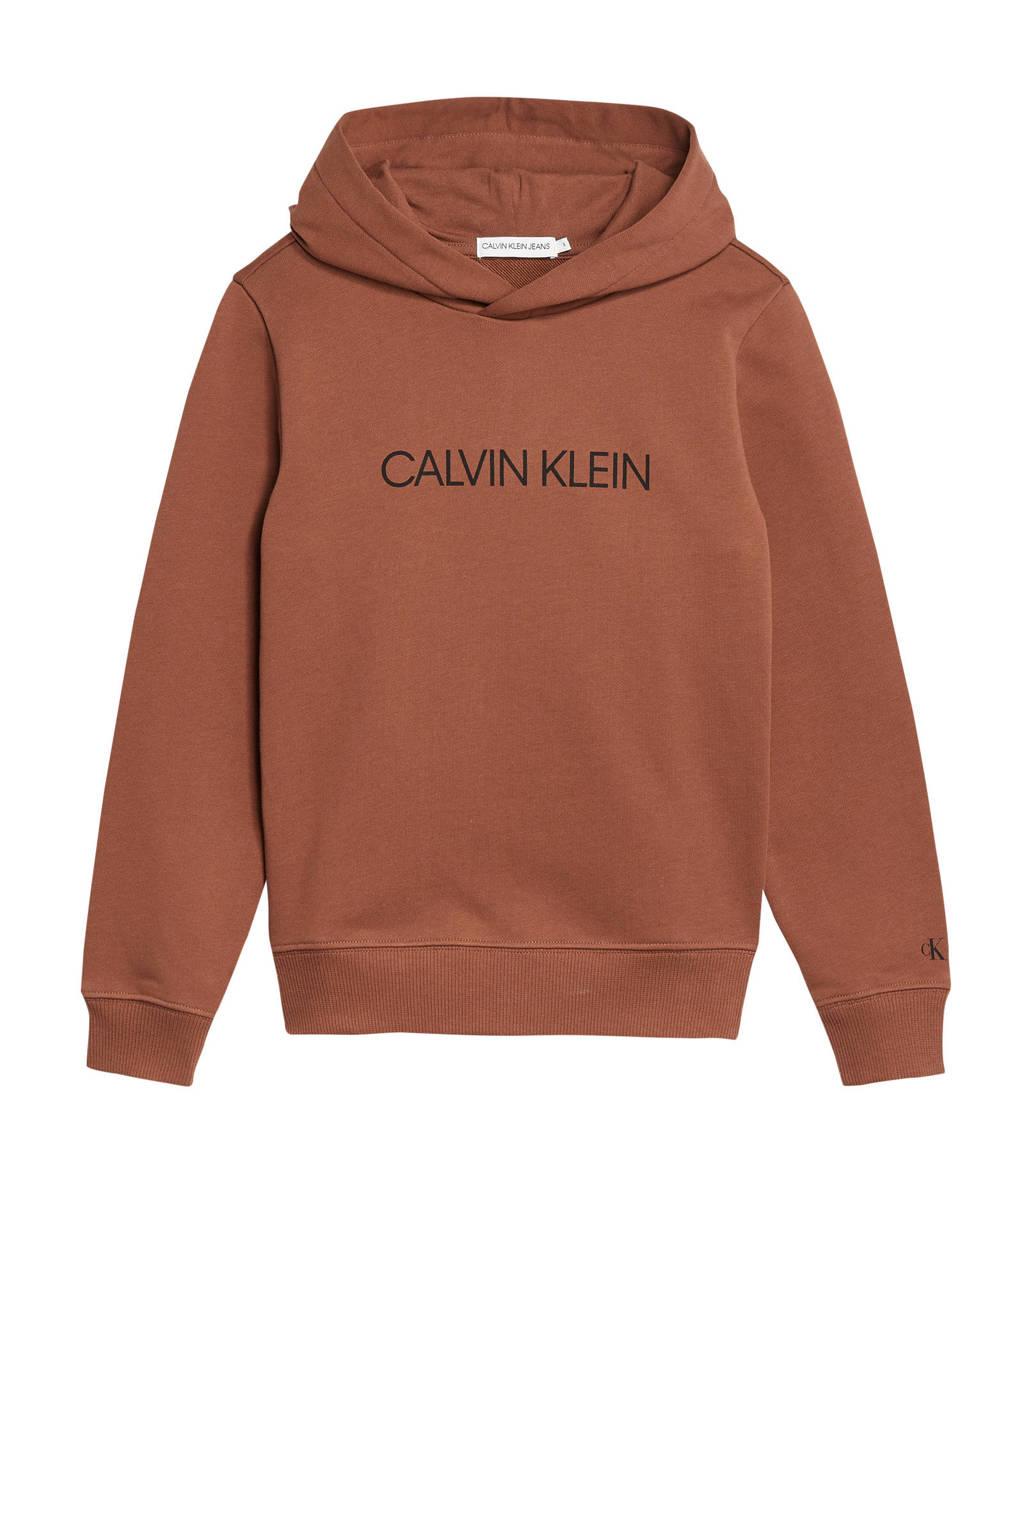 CALVIN KLEIN JEANS hoodie met logo cognac/zwart, Cognac/zwart